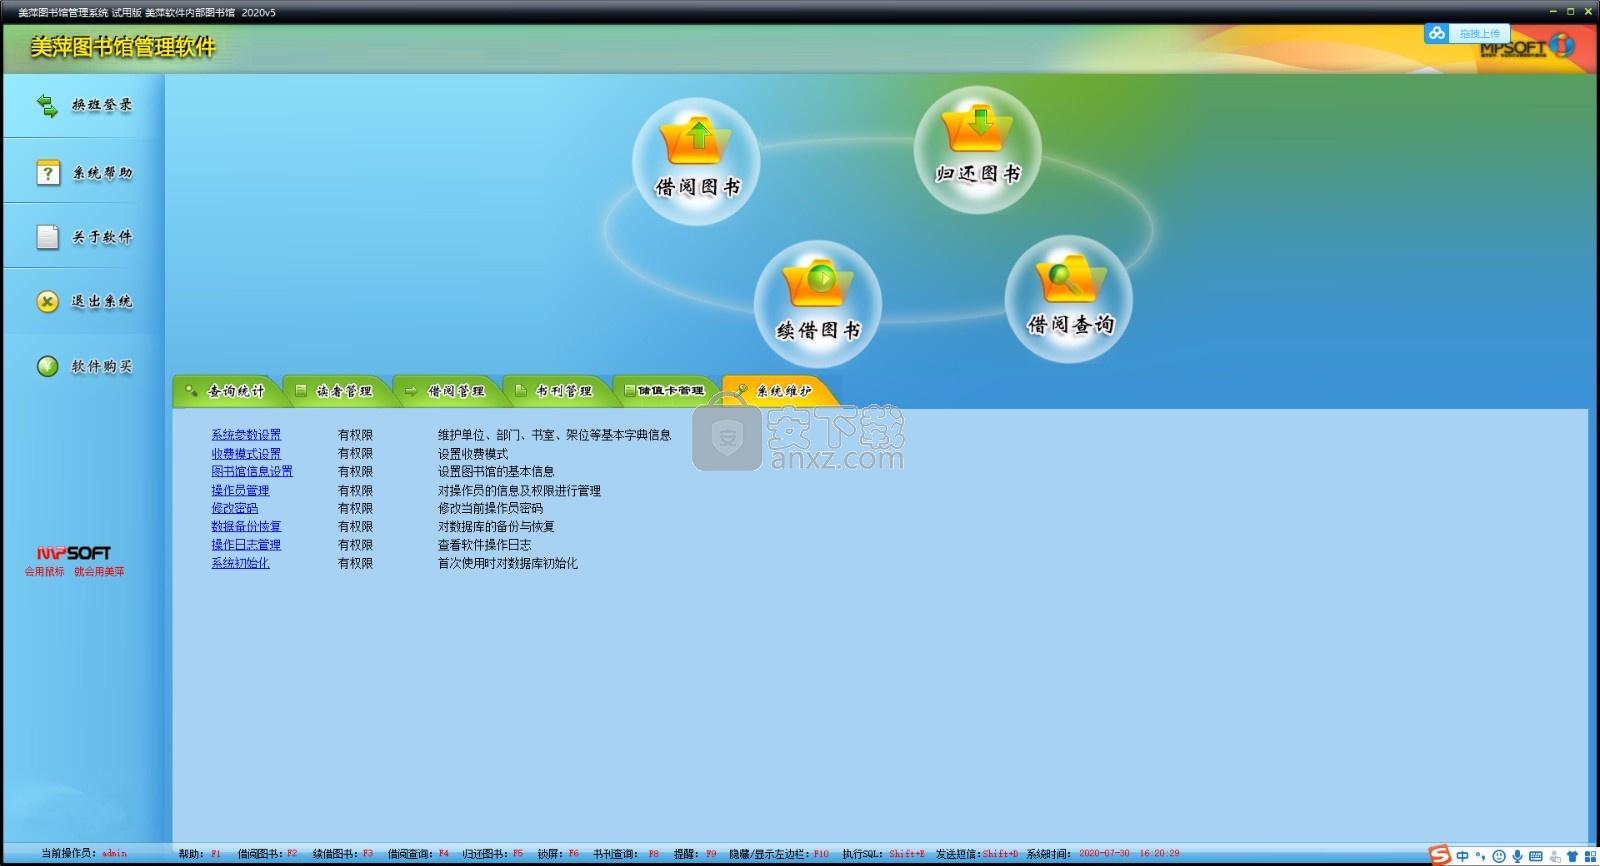 美萍图书馆管理系统2020